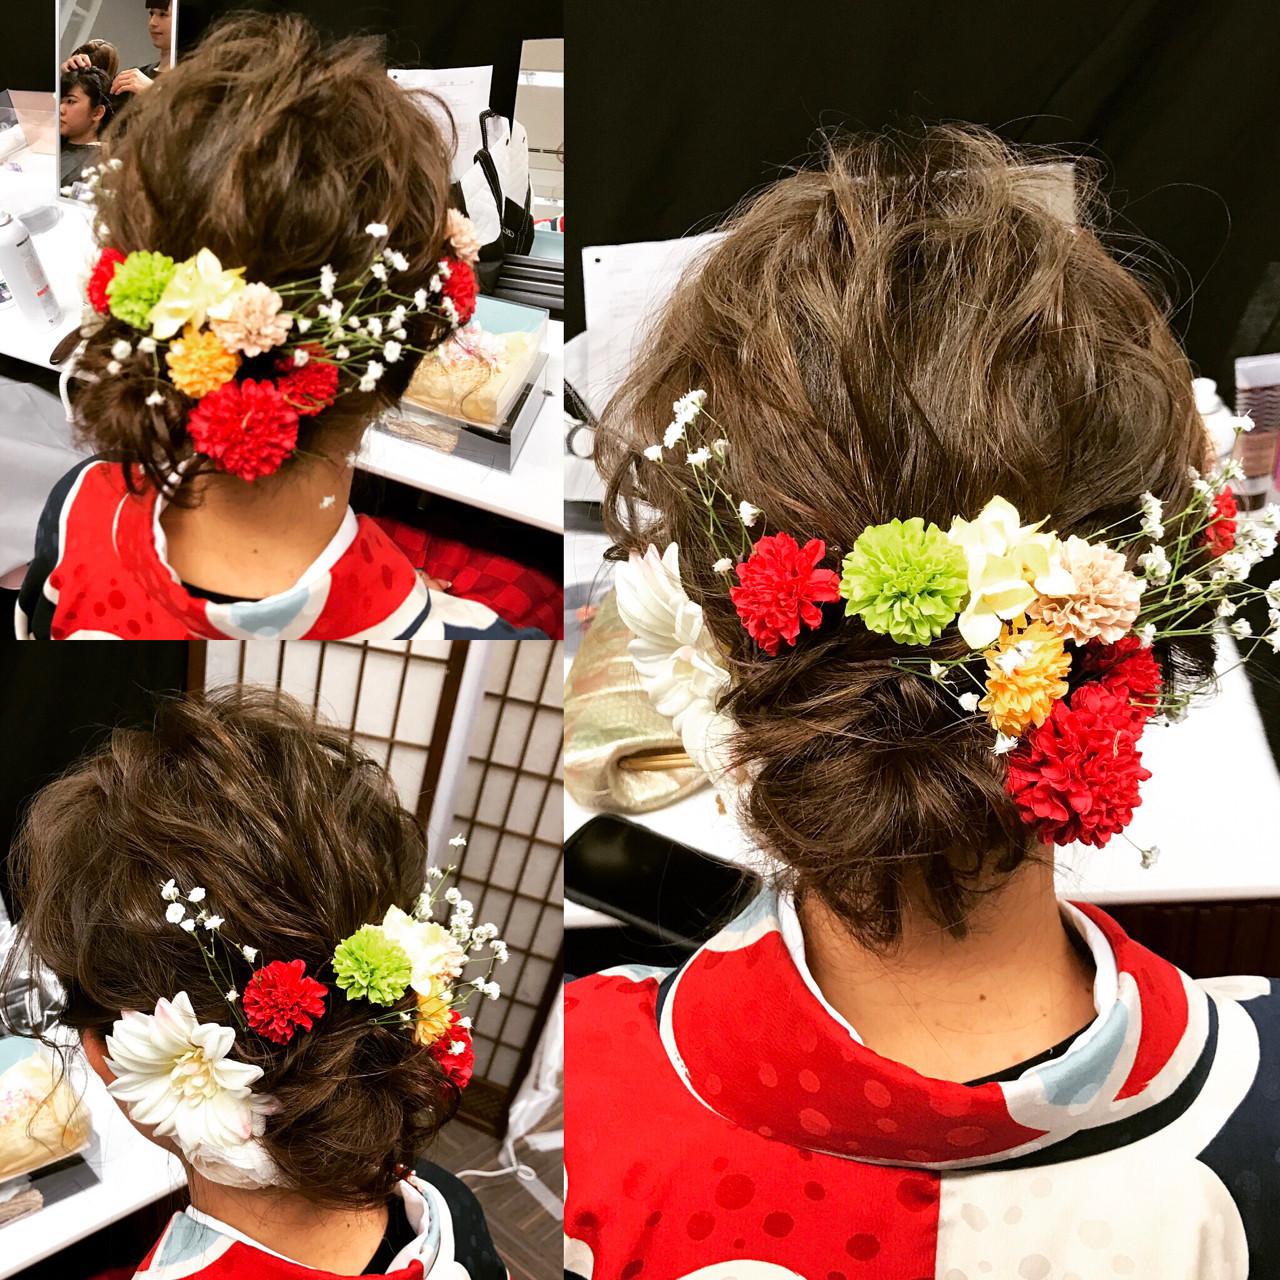 【髪型カタログ】着物に似合うショートのおすすめ髪型アレンジ特集 ナミナミ